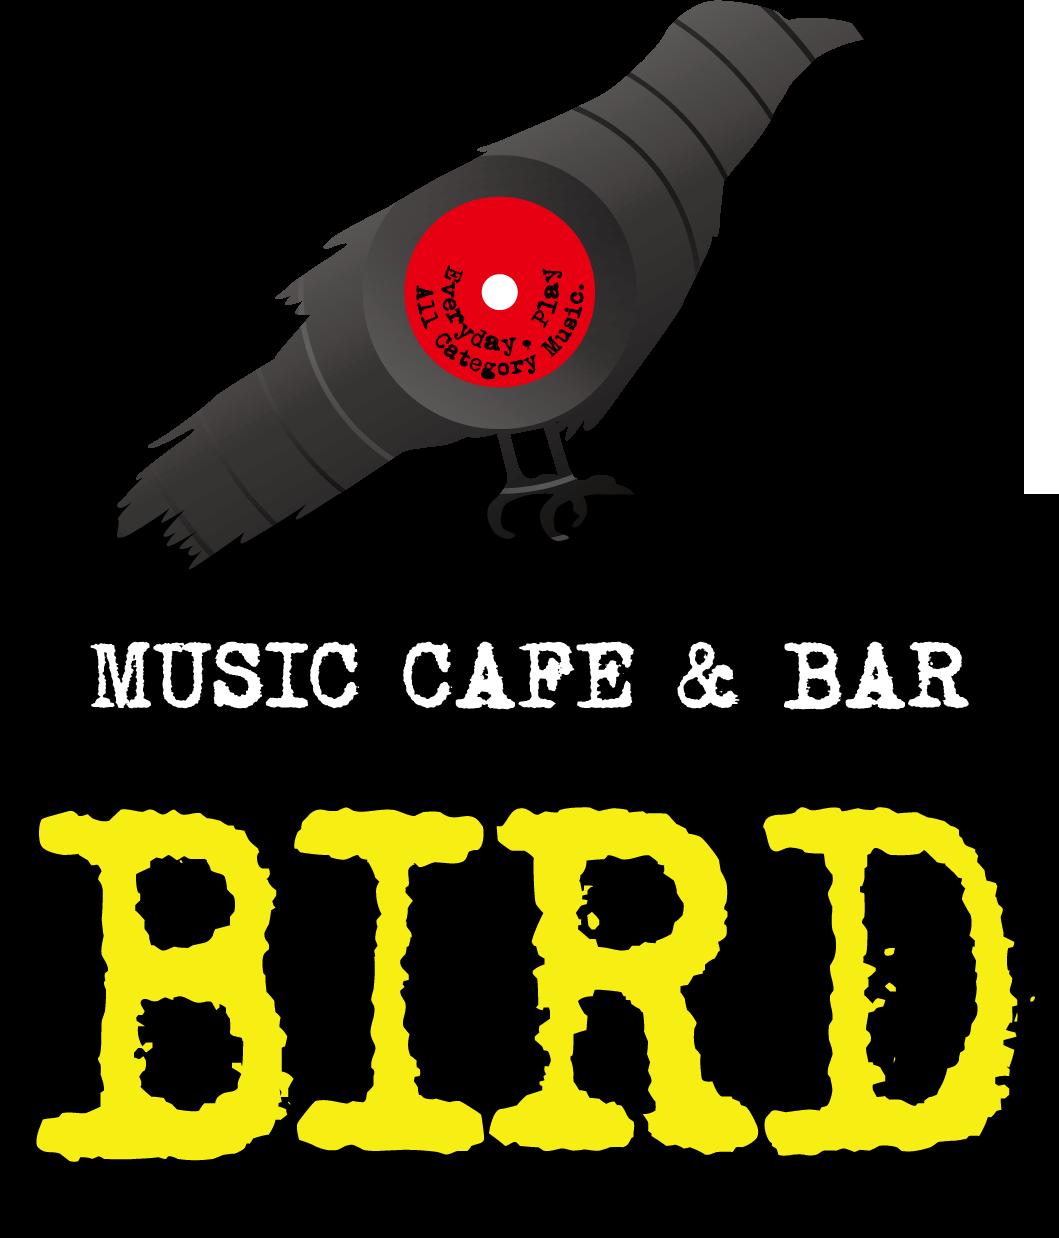 町田のミュージックカフェバーBIRD